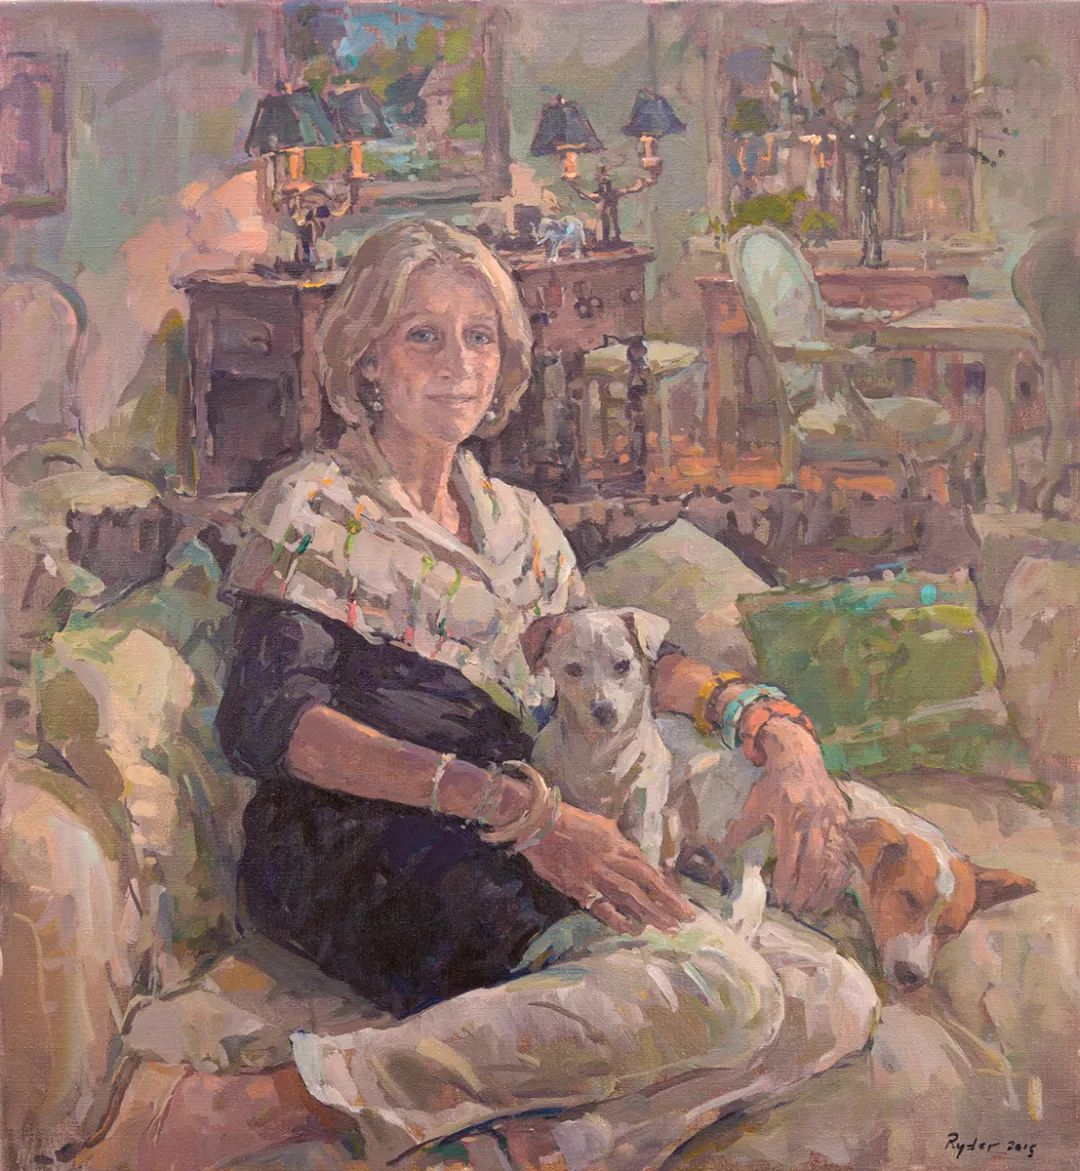 英国女画家苏珊·莱德人物作品插图15